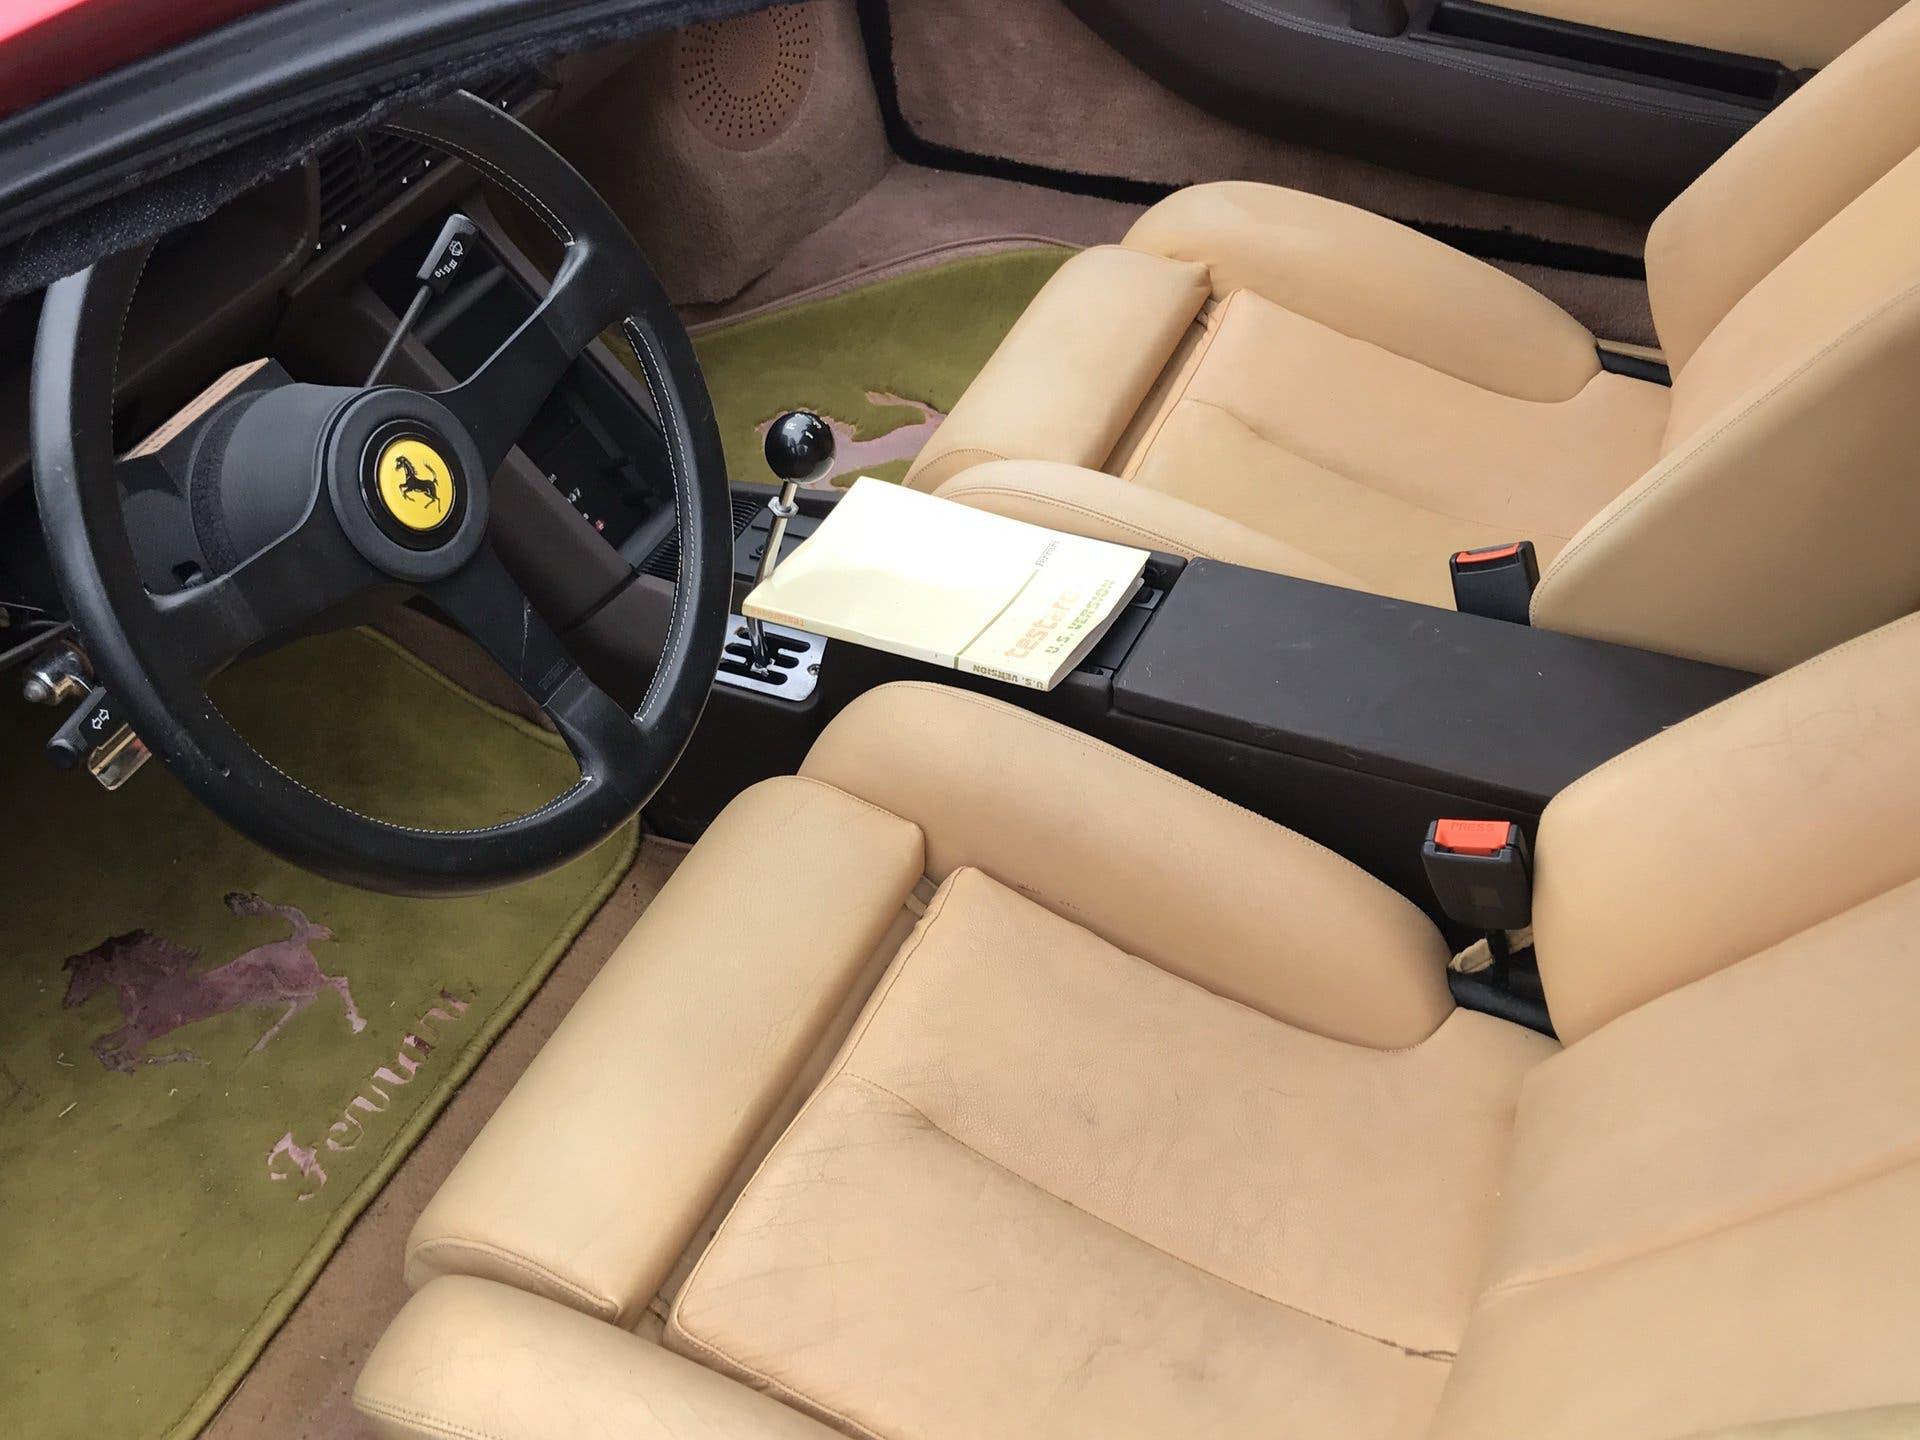 Ferrari 11 storiche auto campo aperto